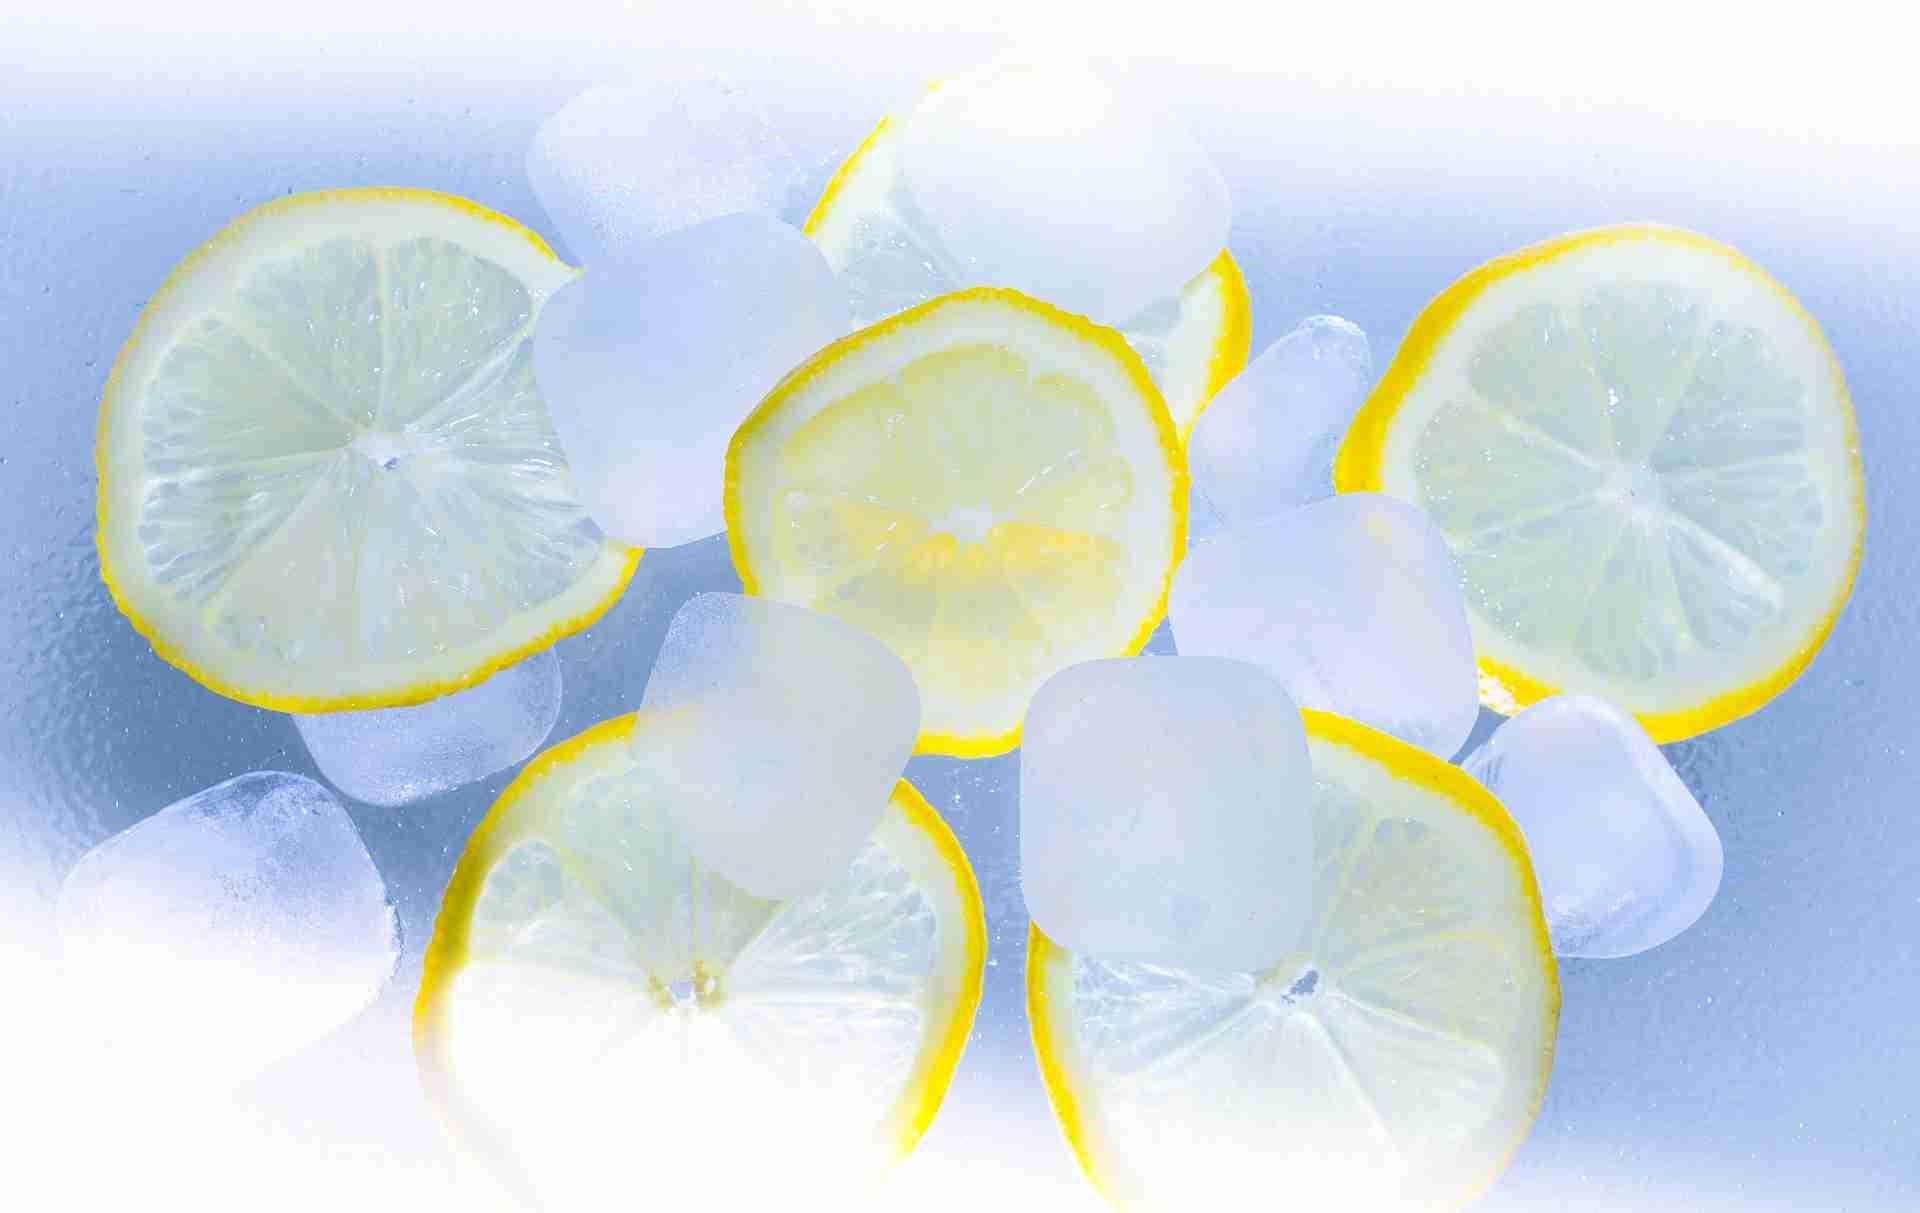 Eiswürfel weißer Kern